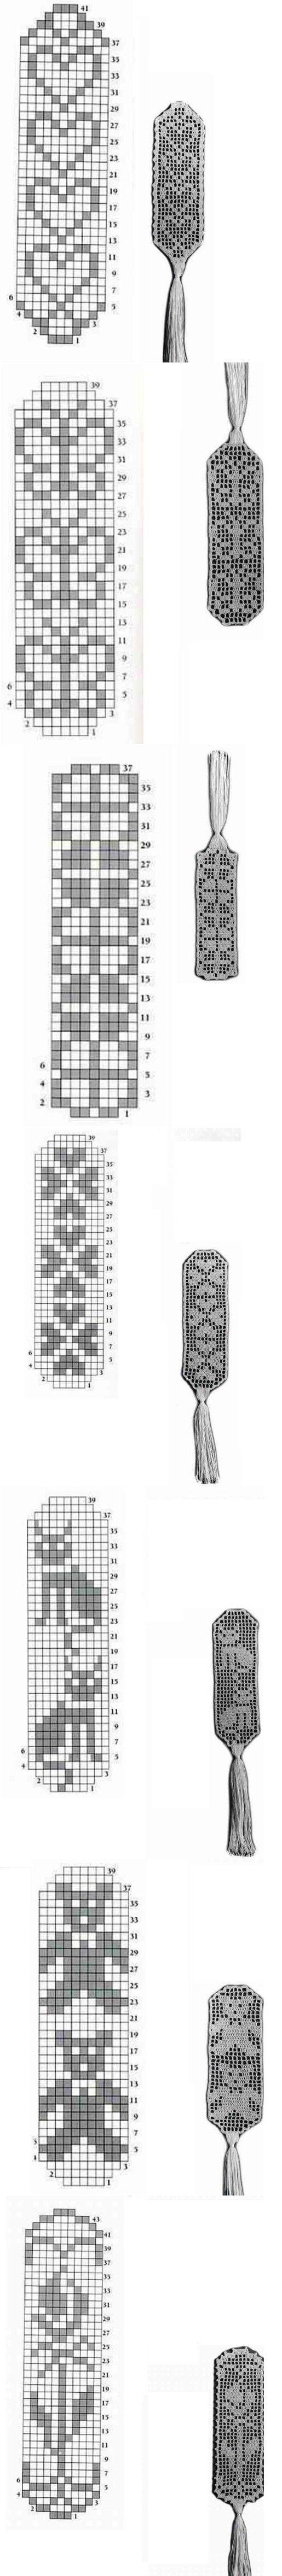 filet crochet - lovely bookmarks - easy-to-do present!